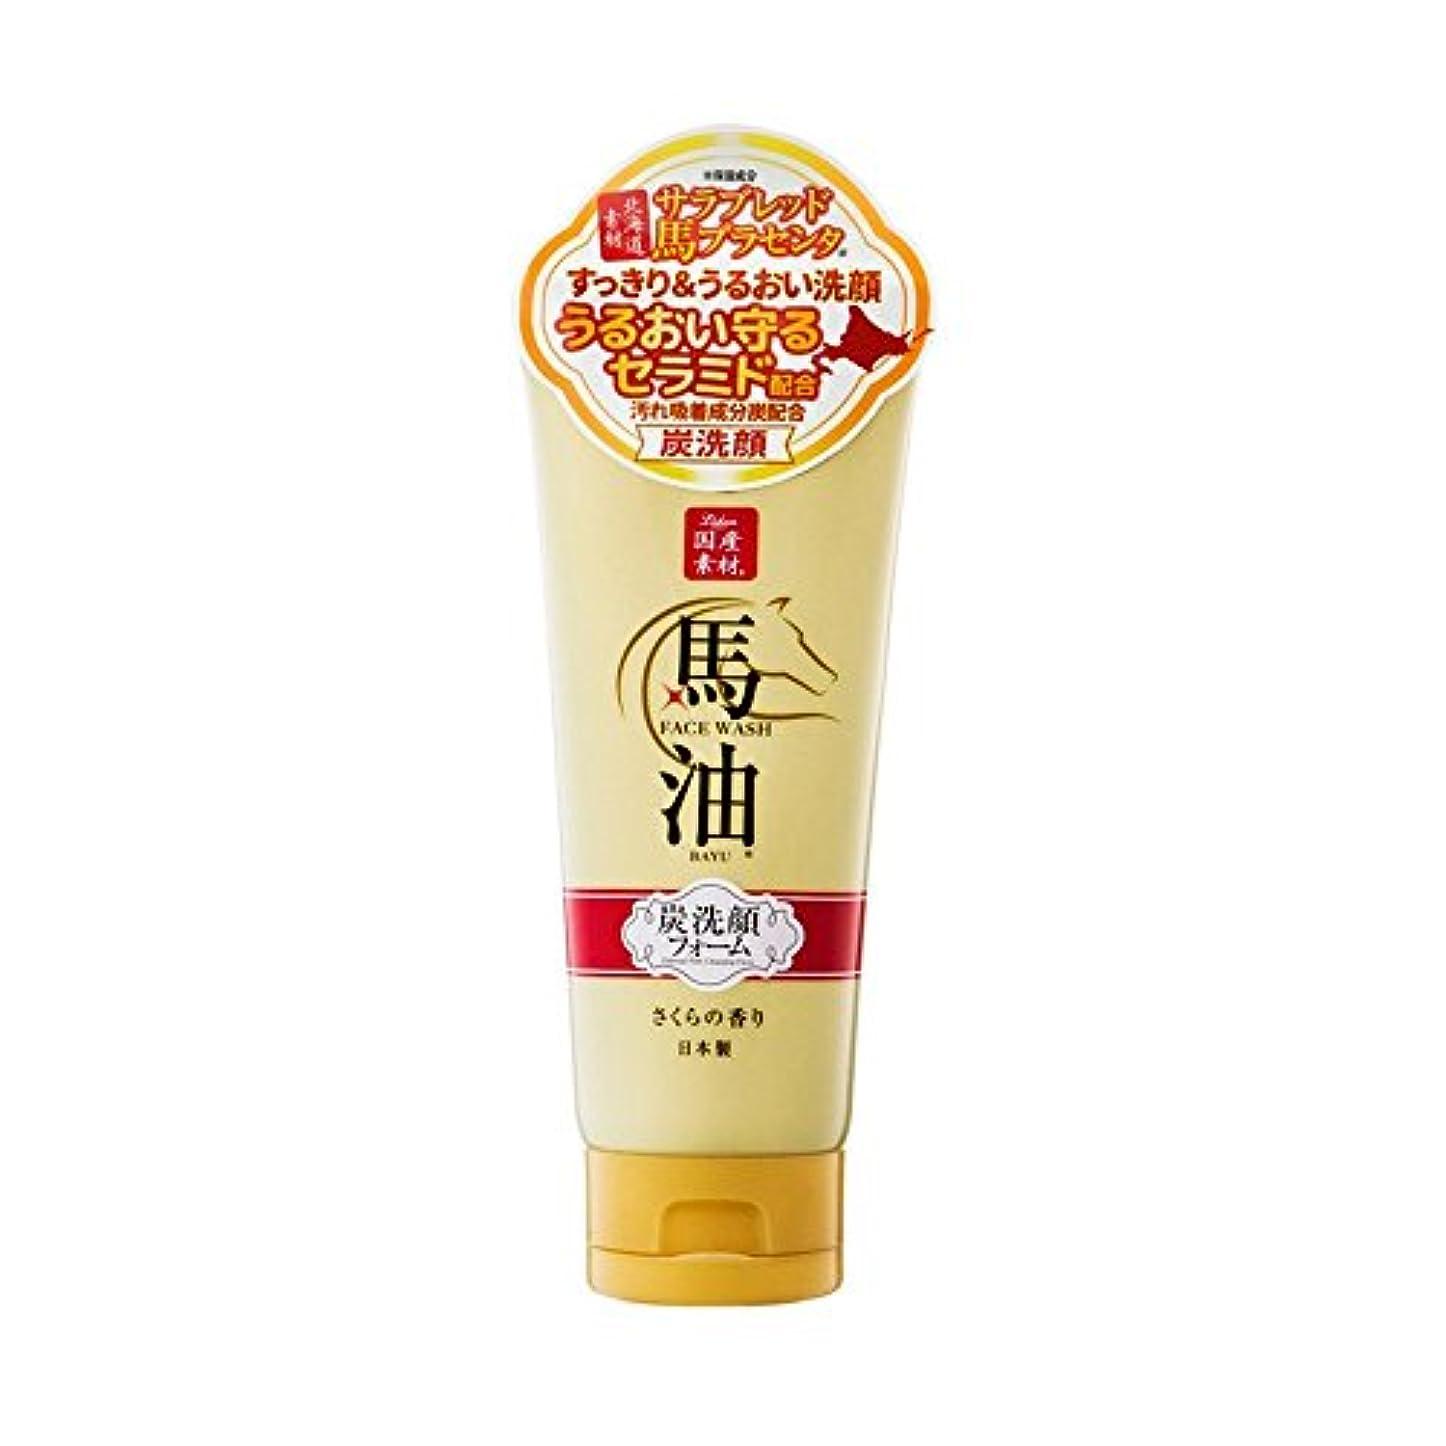 コア機関車比率リシャン 馬油&炭洗顔フォーム(さくらの香り)(内容量130g)